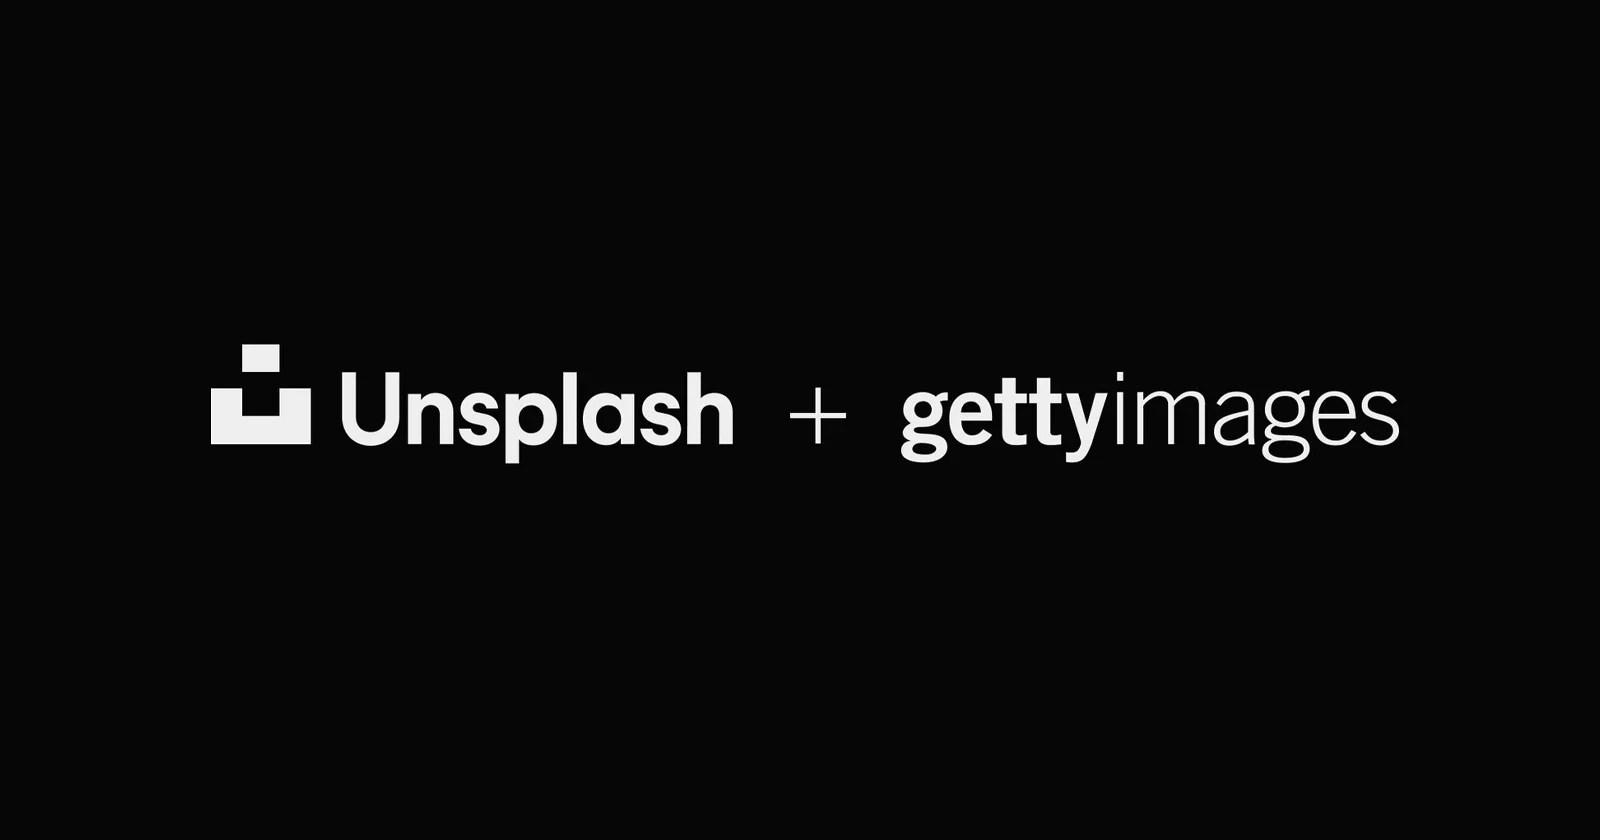 Unsplash viene acquisito da Getty Images